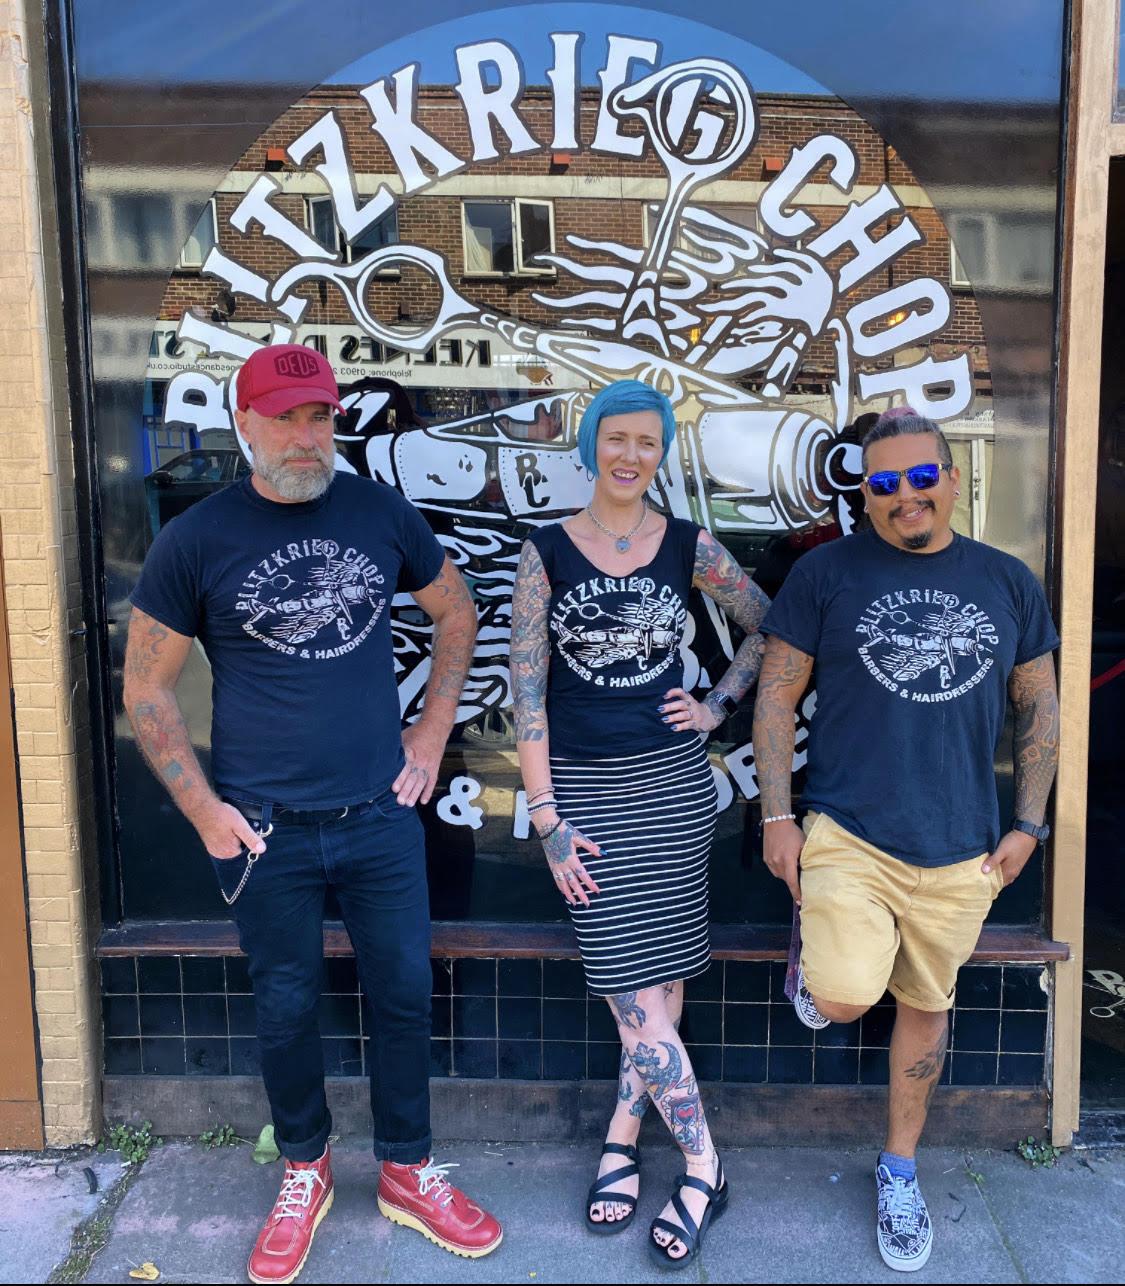 The team at Blitzkrieg Chop: Ian, Danielle, and Jhon